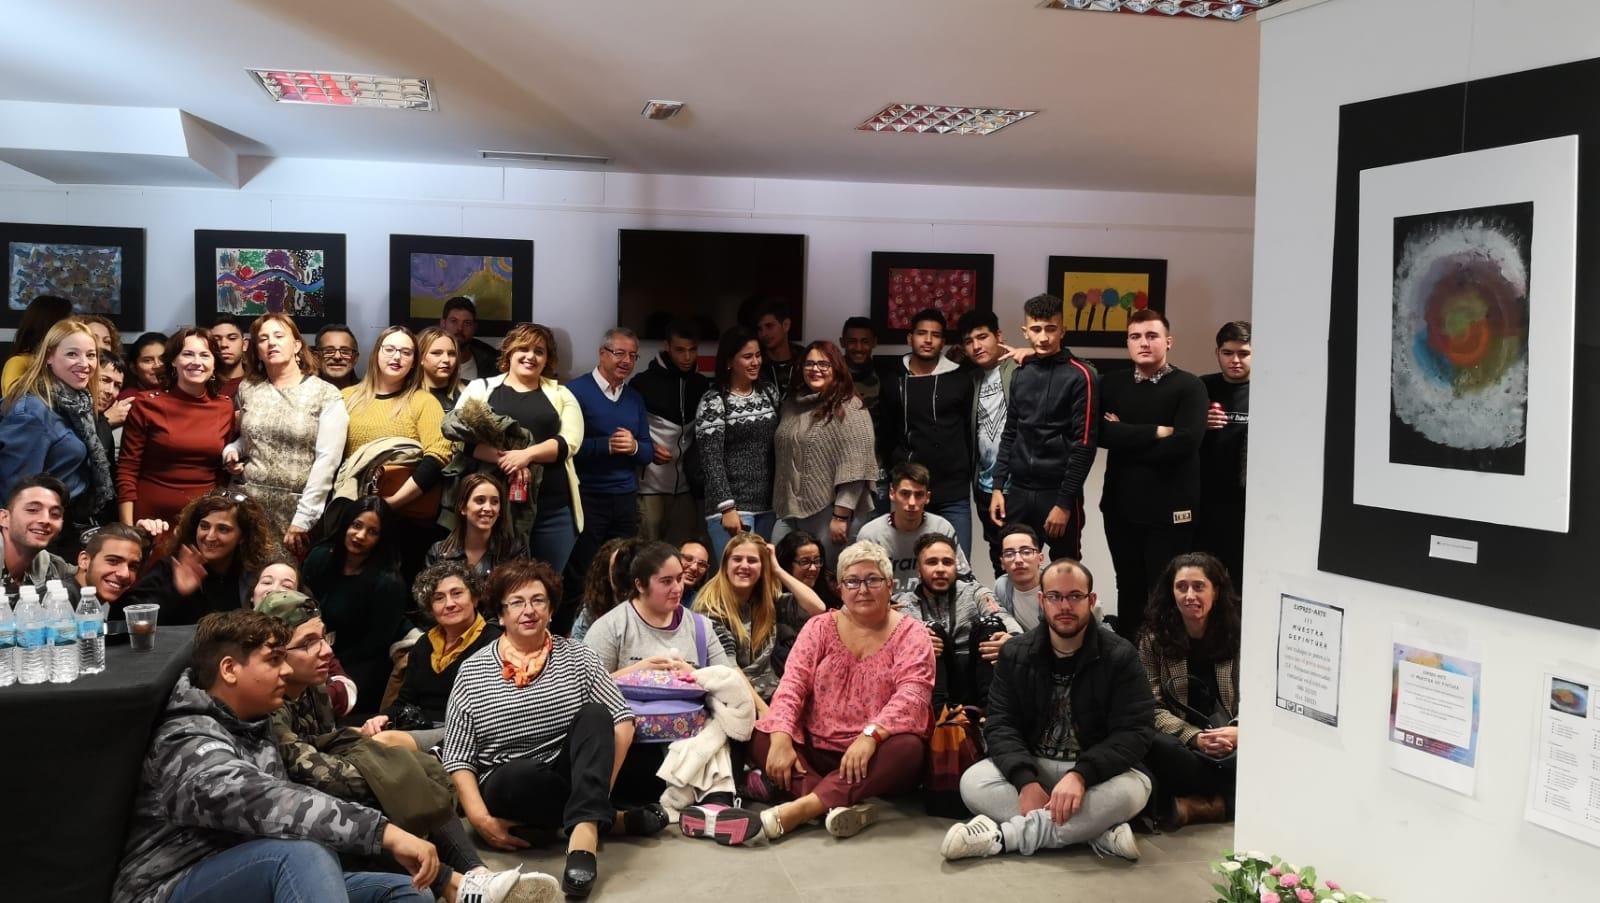 PACHECO INAUGURA EXPRES-ARTE, UNA MUESTRA DE PINTURA QUE CONECTA A LOS ALUMNOS DE CUALIFICACIÓN PROFESIONAL CON EL ARTE